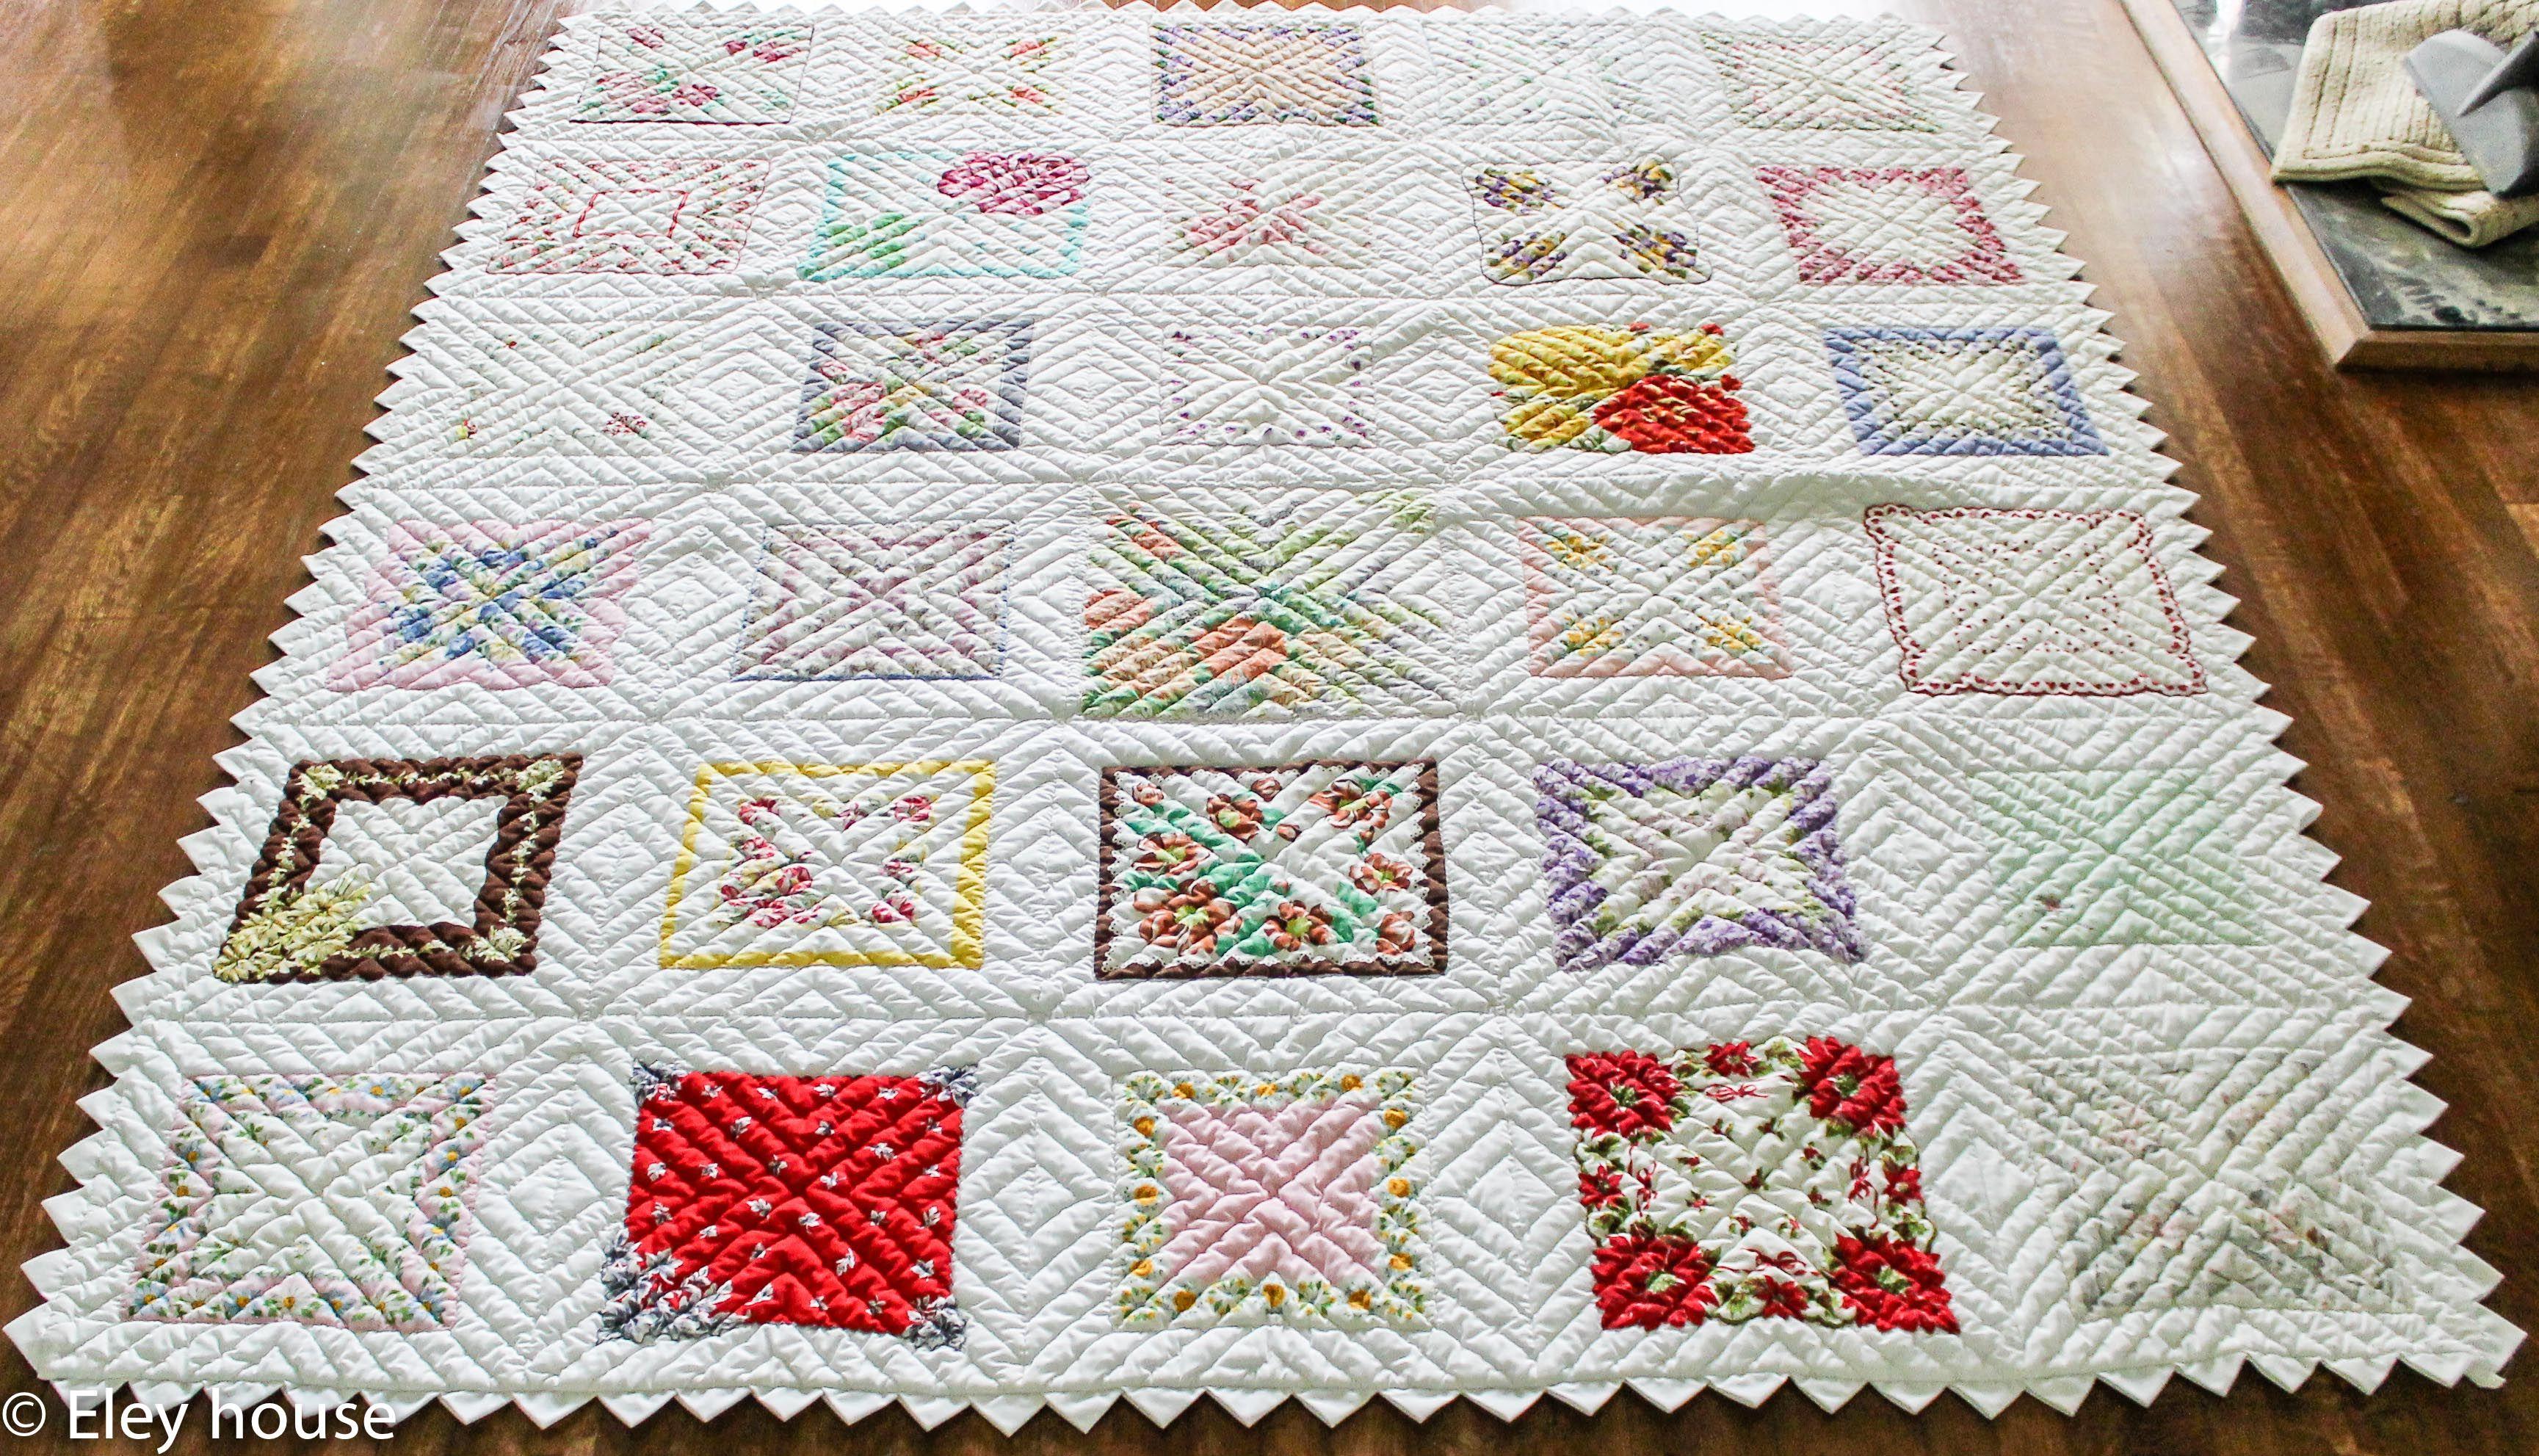 Handkerchiefquiltjpg 34581983 pixels house quilts